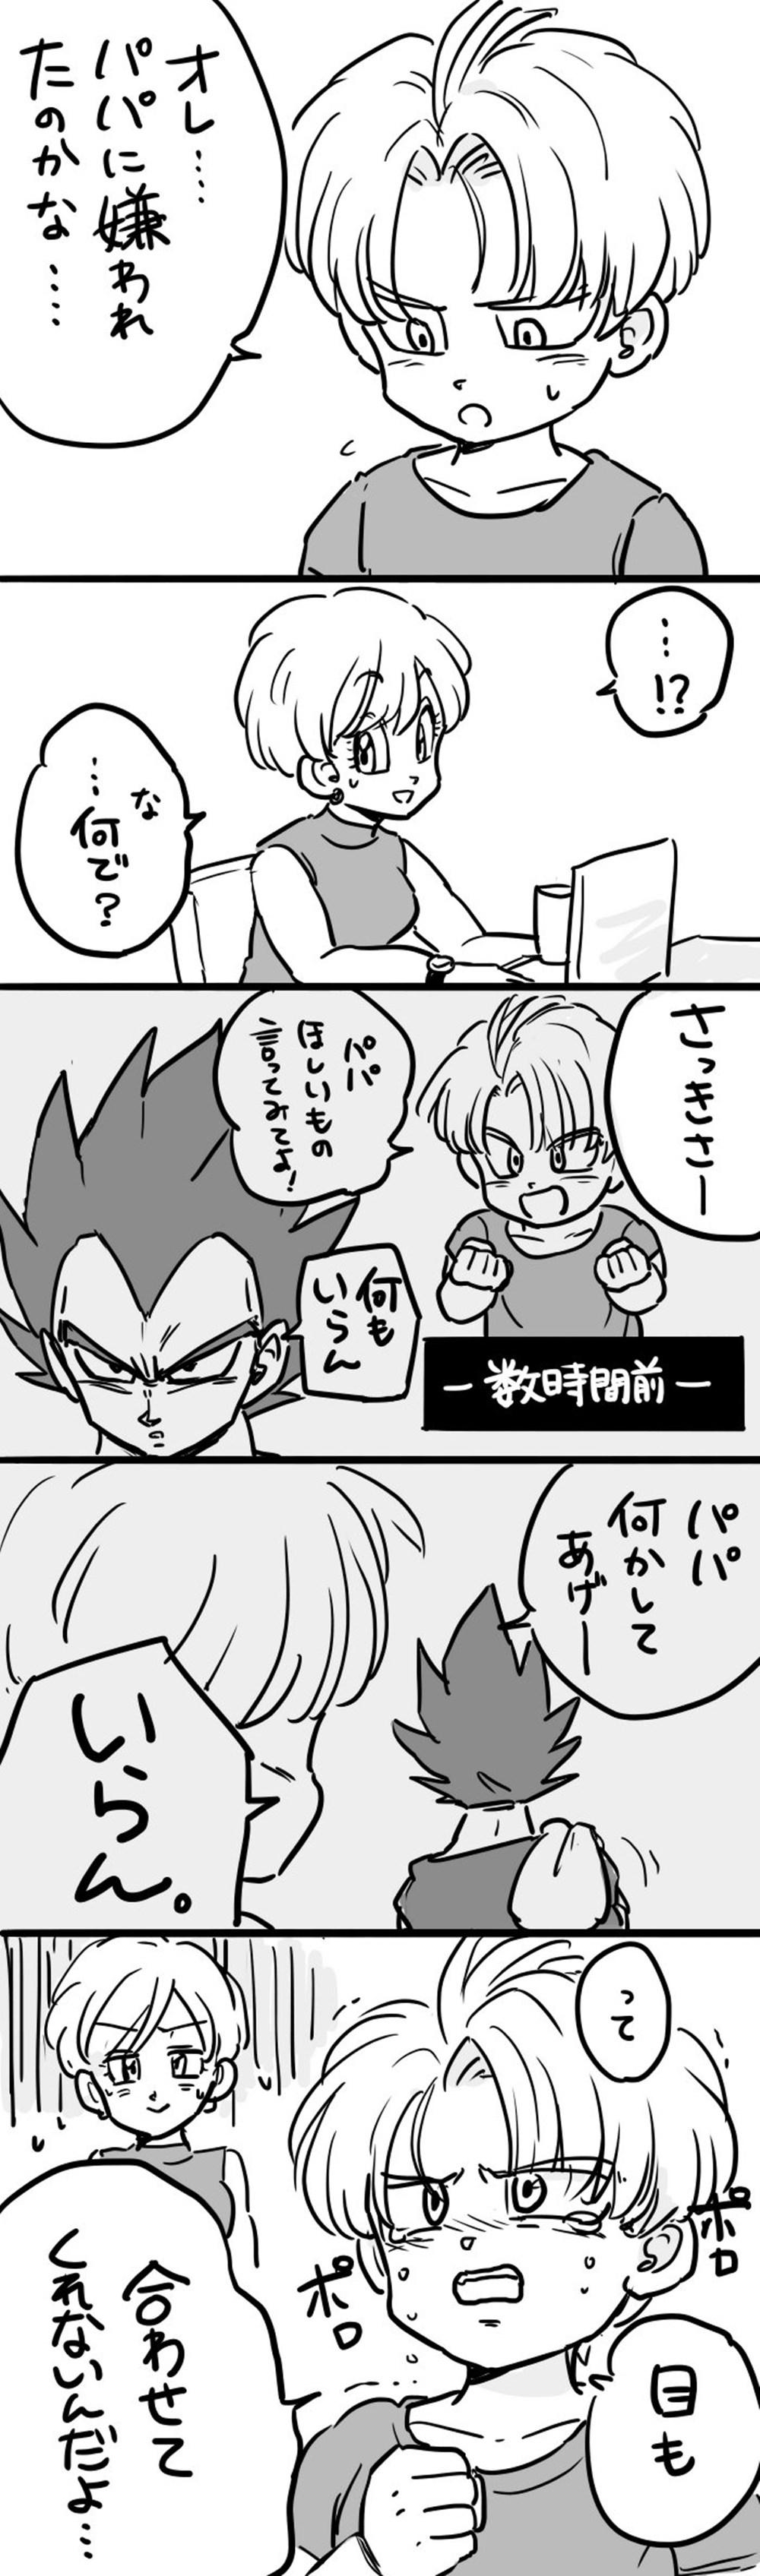 べジ父01_R